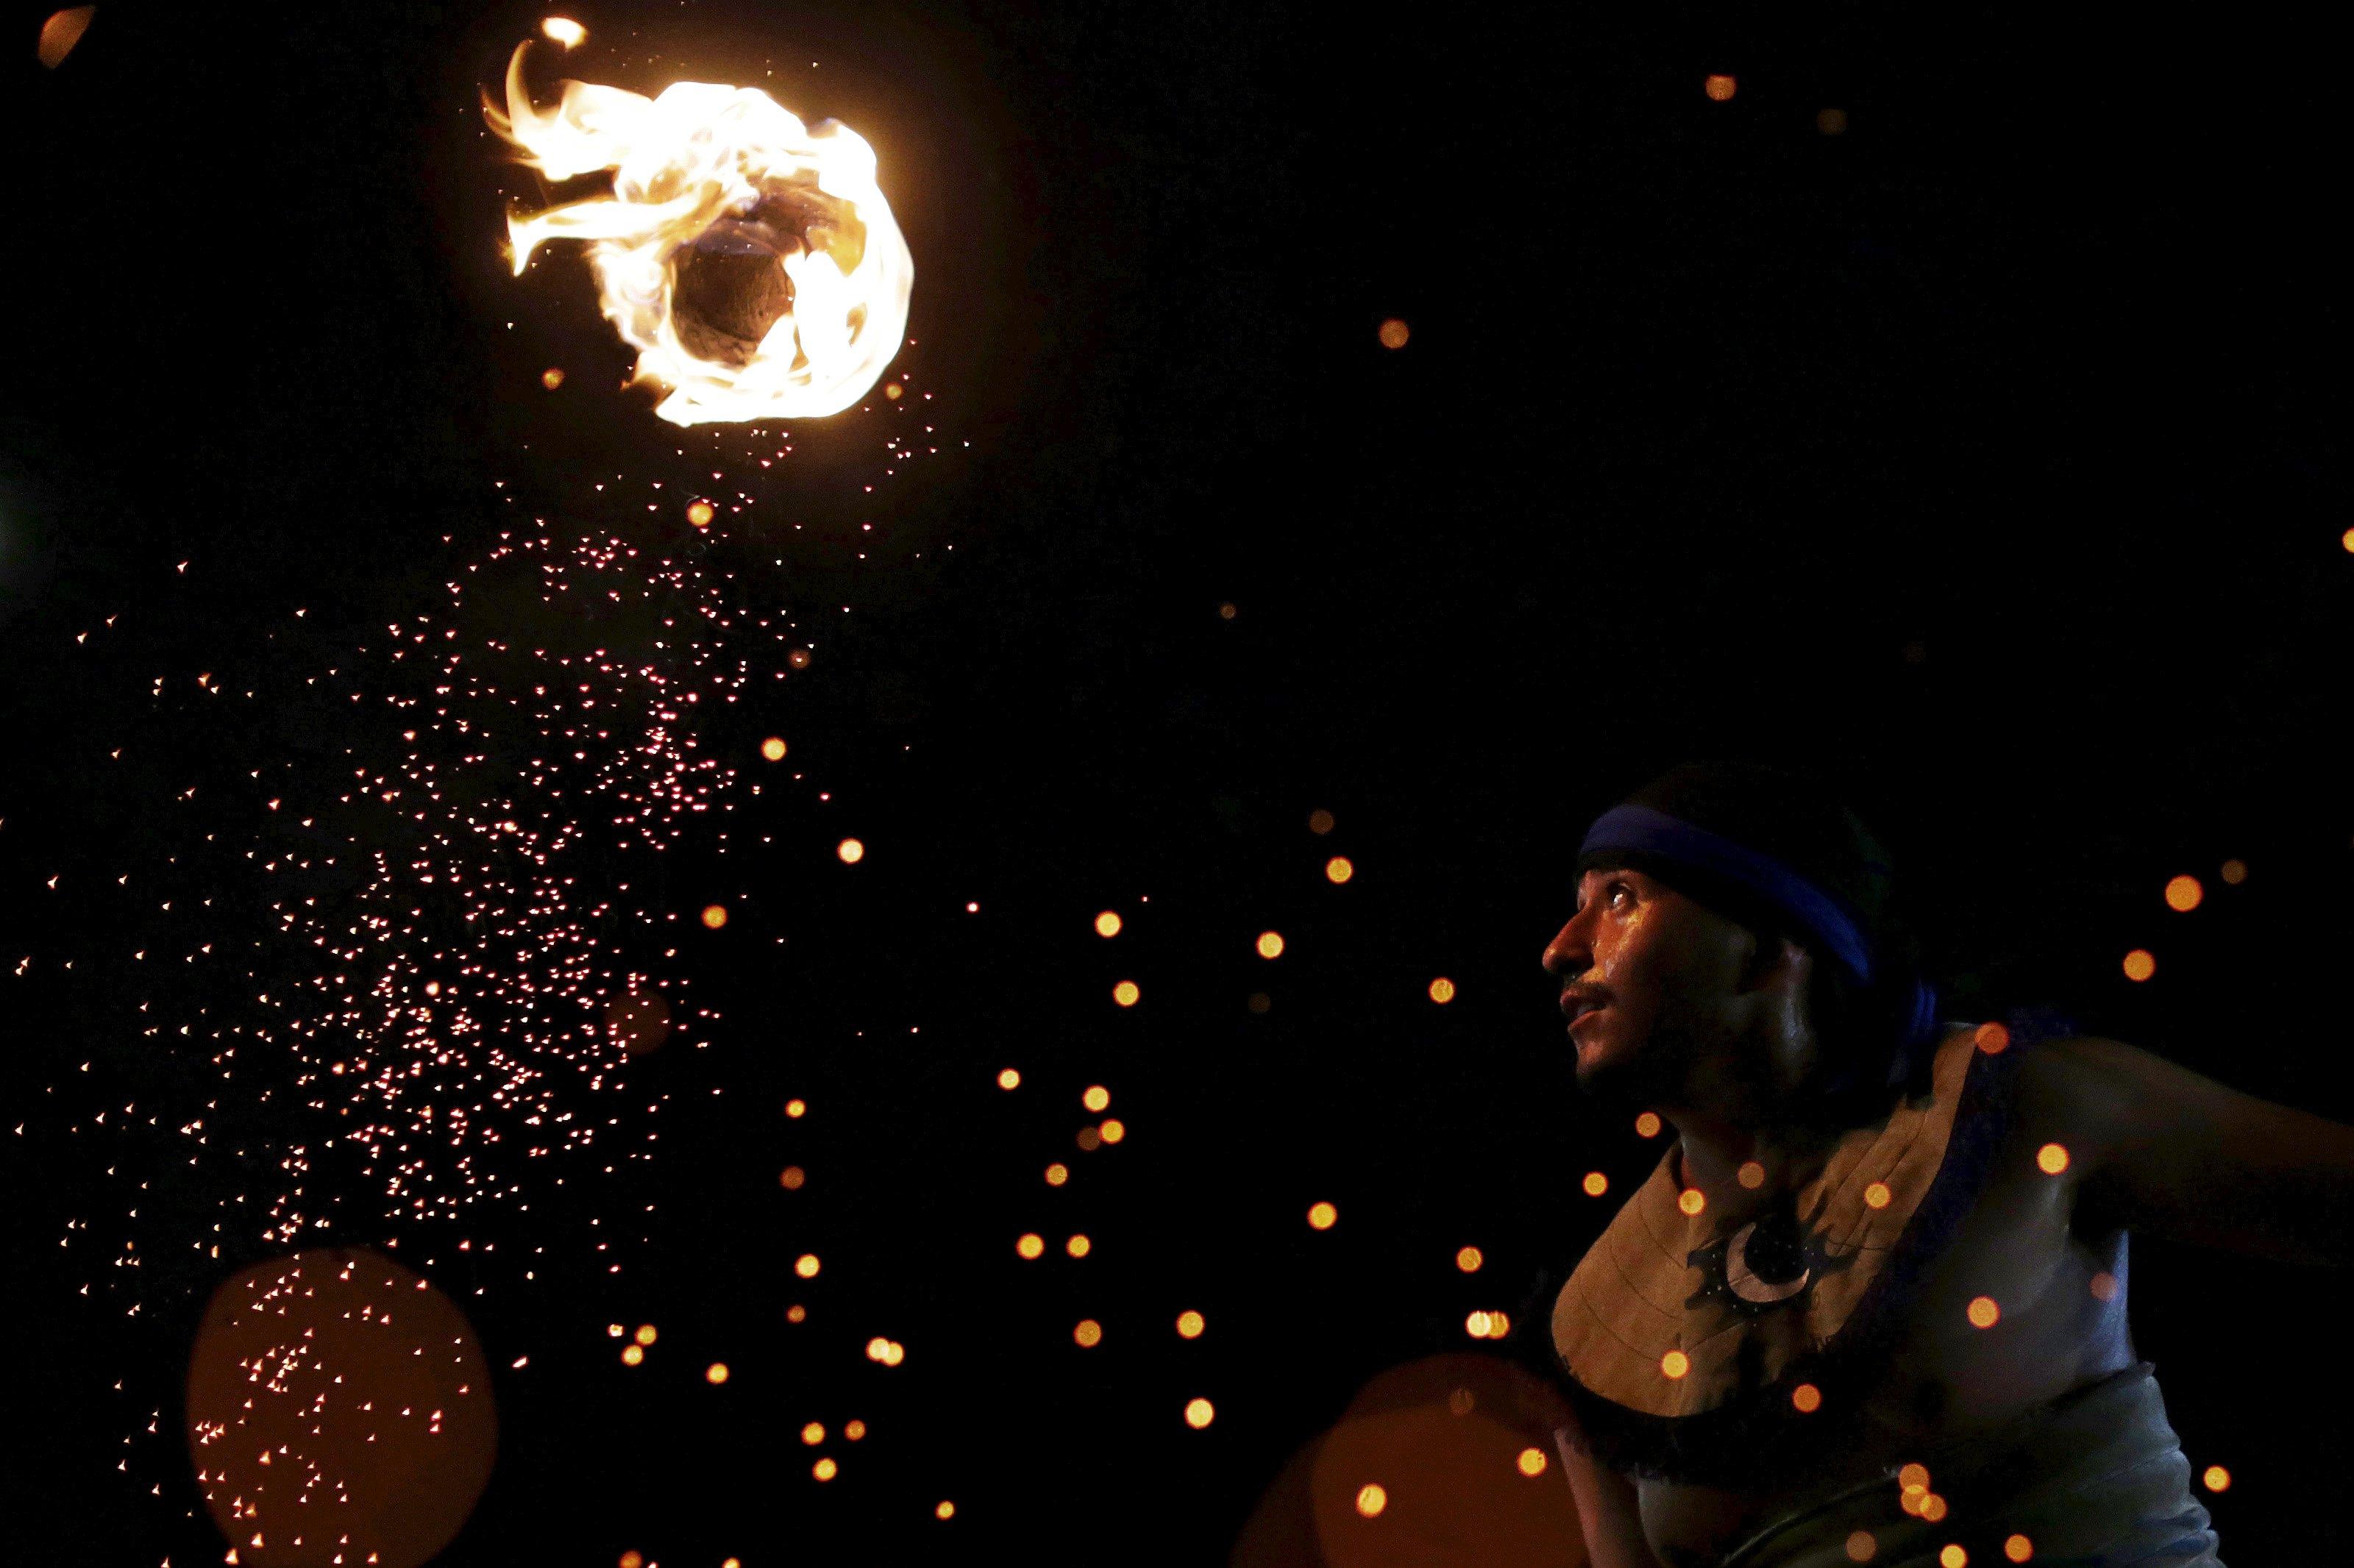 """Seorang pria pribumi dari Meksiko menunjukkan permainan Meksiko yang dikenal sebagai """"La Batalla"""" (permainan menggunakan bola api) saat World Games untuk Penduduk Pribumi di Palmas, Brazil, Kamis (29/10). REUTERS/Ueslei Marcelino."""